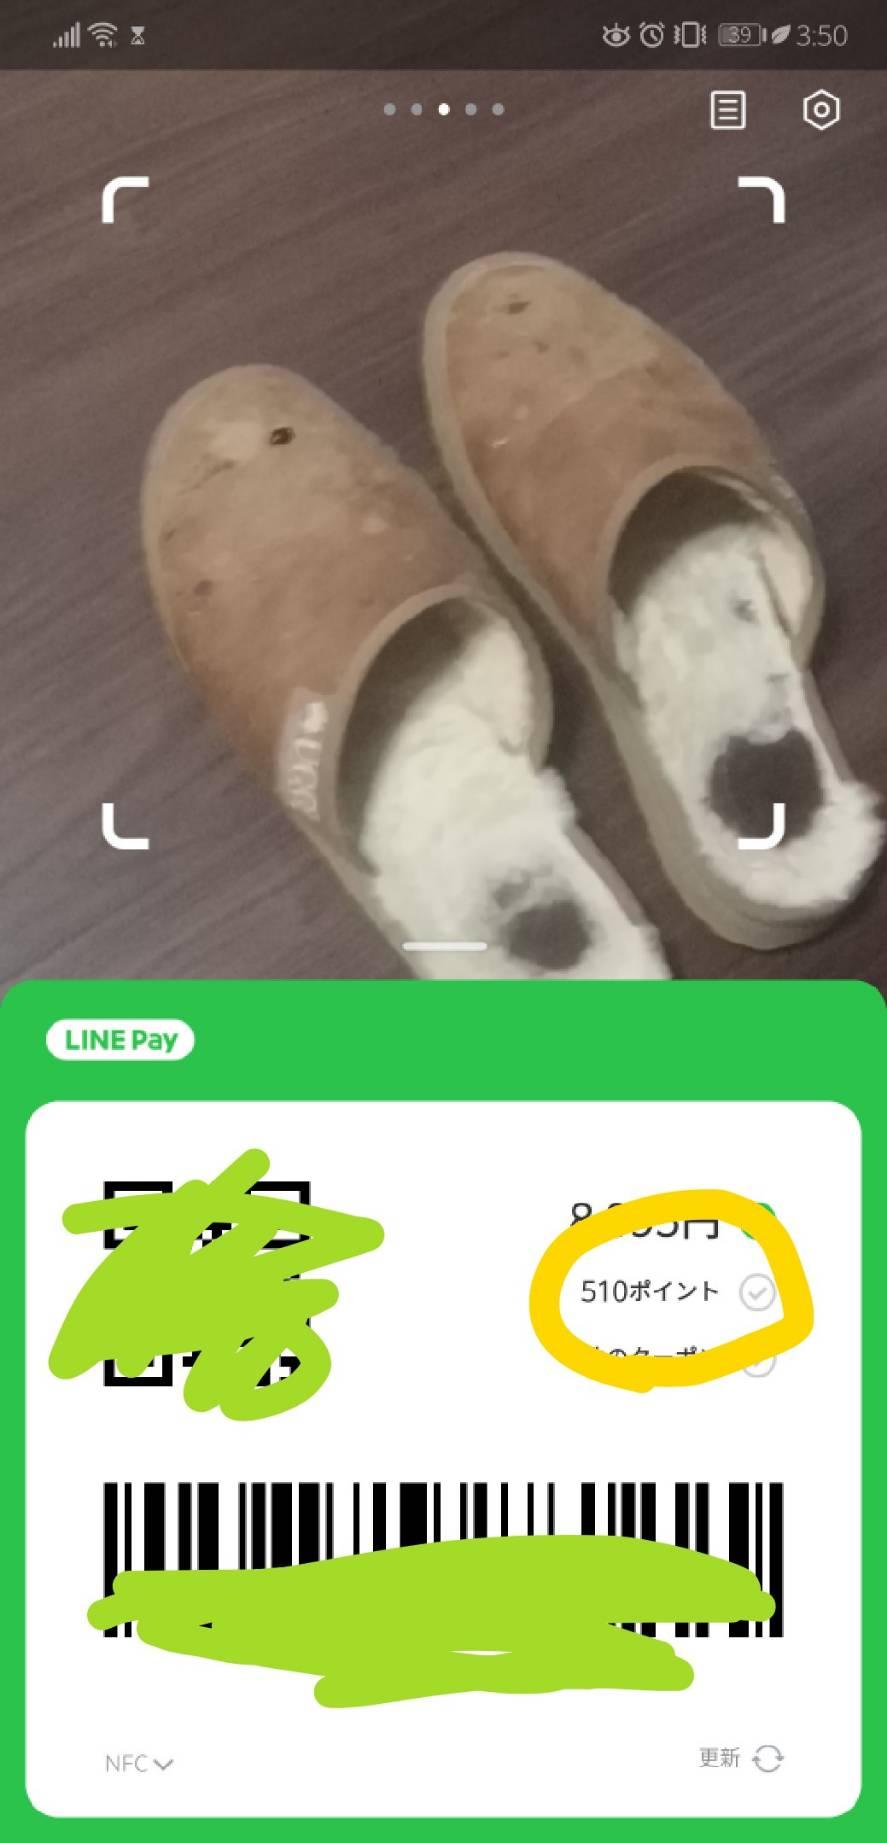 LINEPayのアプリ